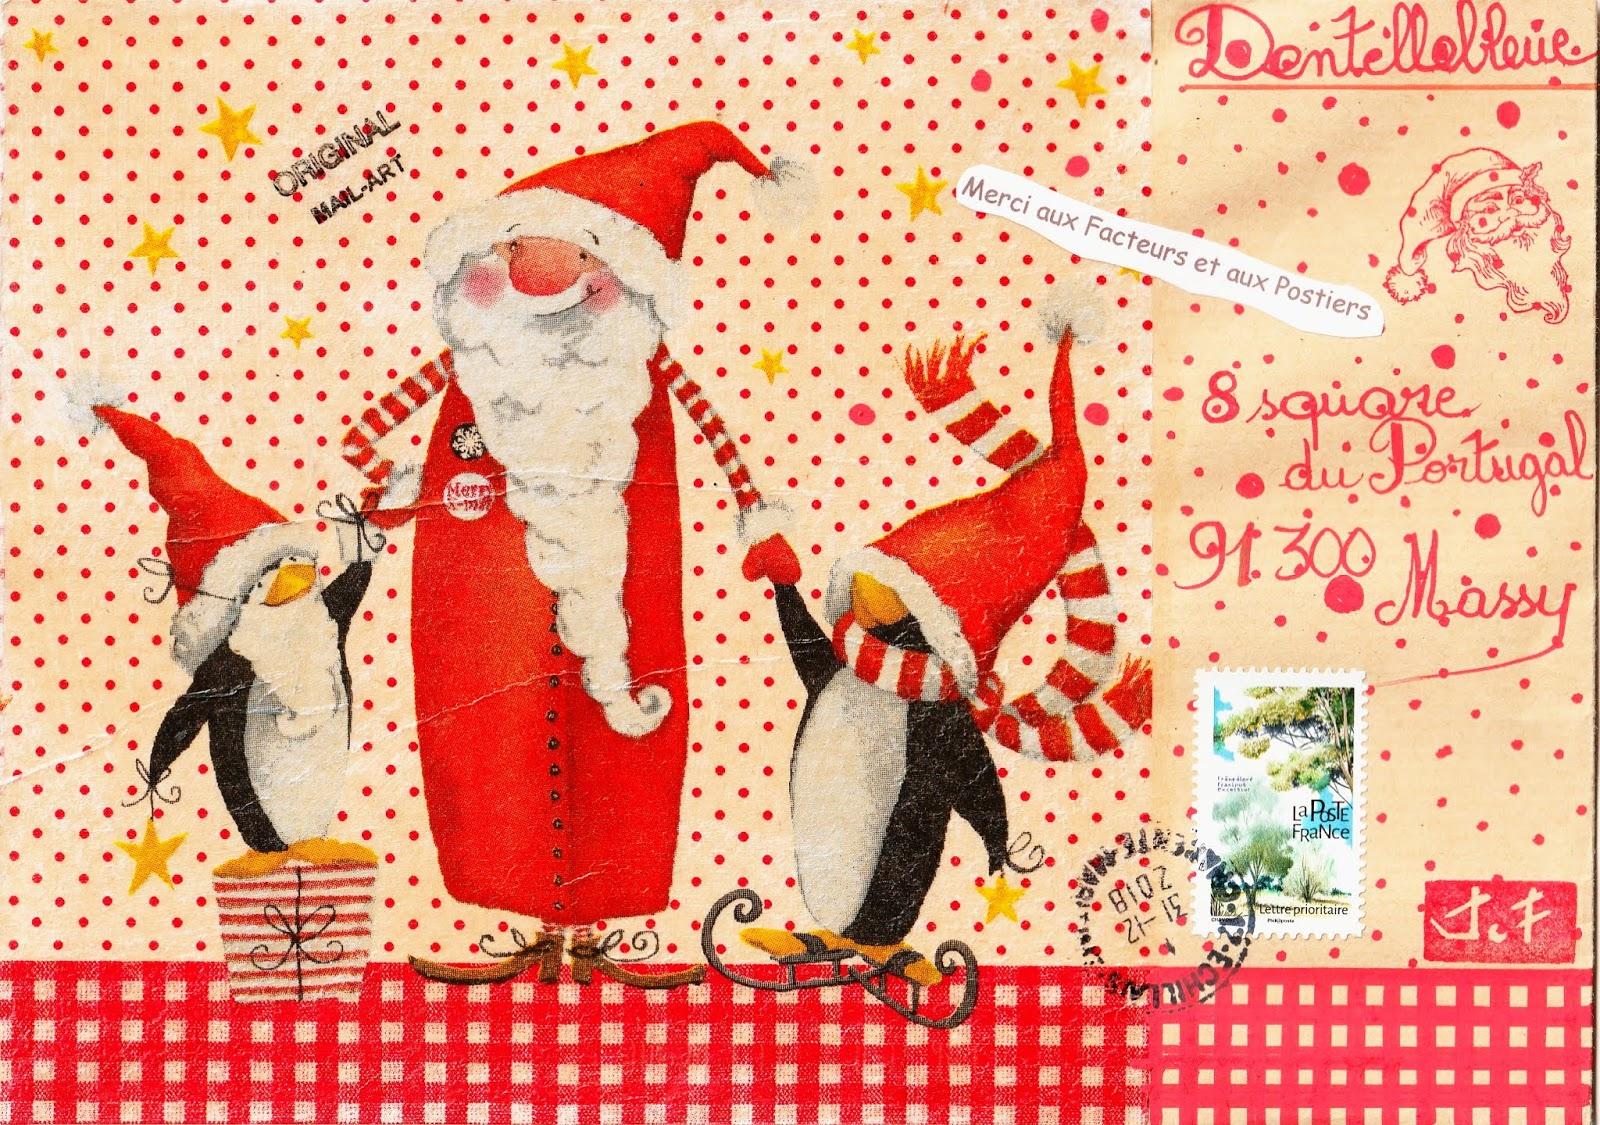 Dentellebleue Séclate Avec Le Mail Art Le Père Noël Et Ses